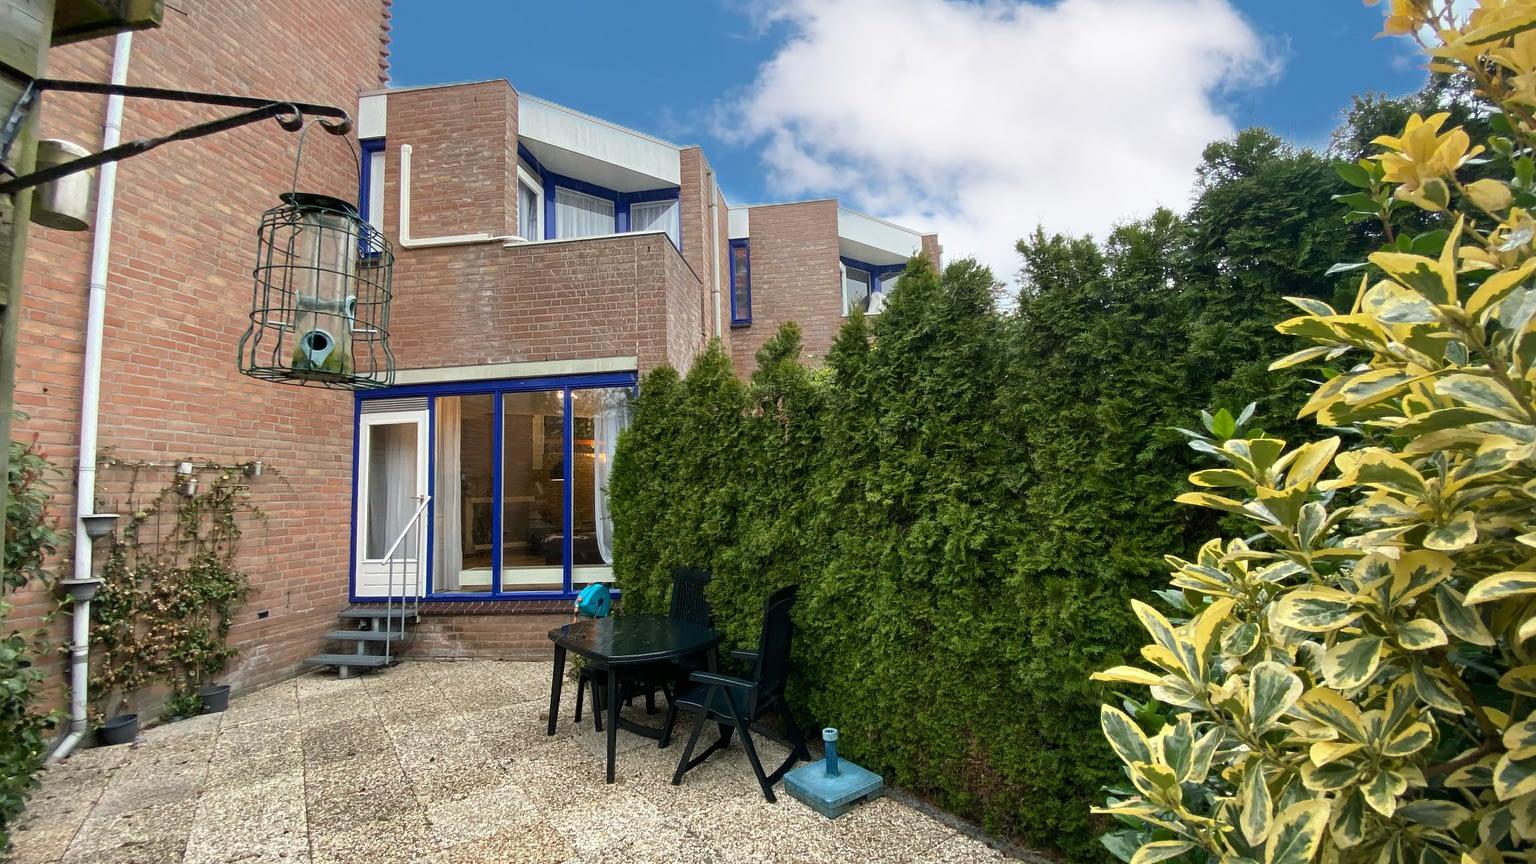 Scheldedal 40 Capelle aan den IJssel HUIZEN010 makelaardij